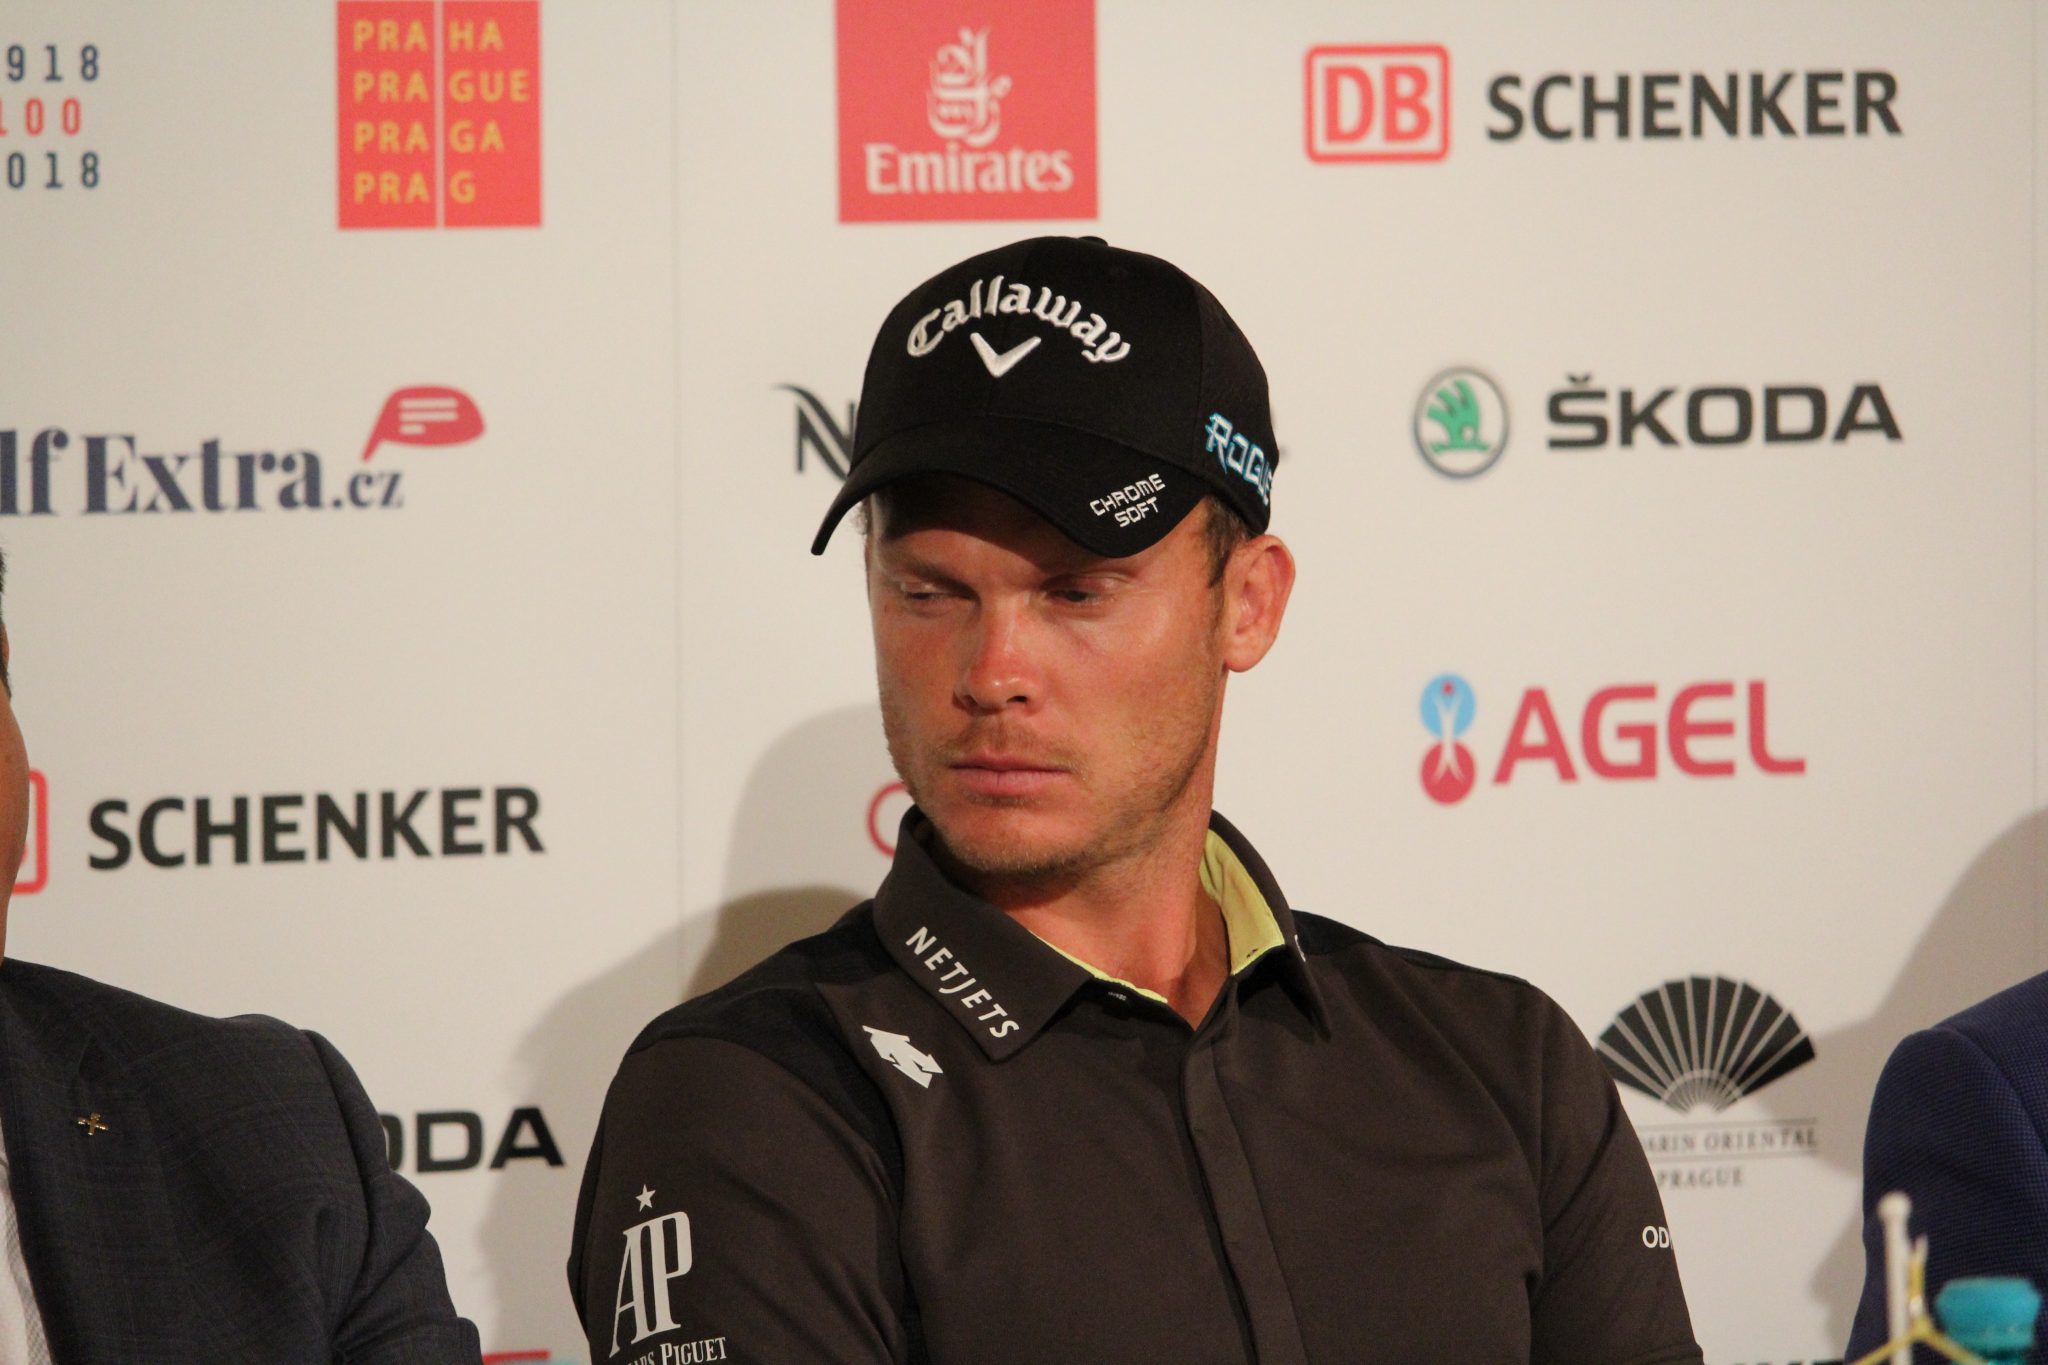 Дани Уилет гледа към трофея в Албатрос голф ризорт